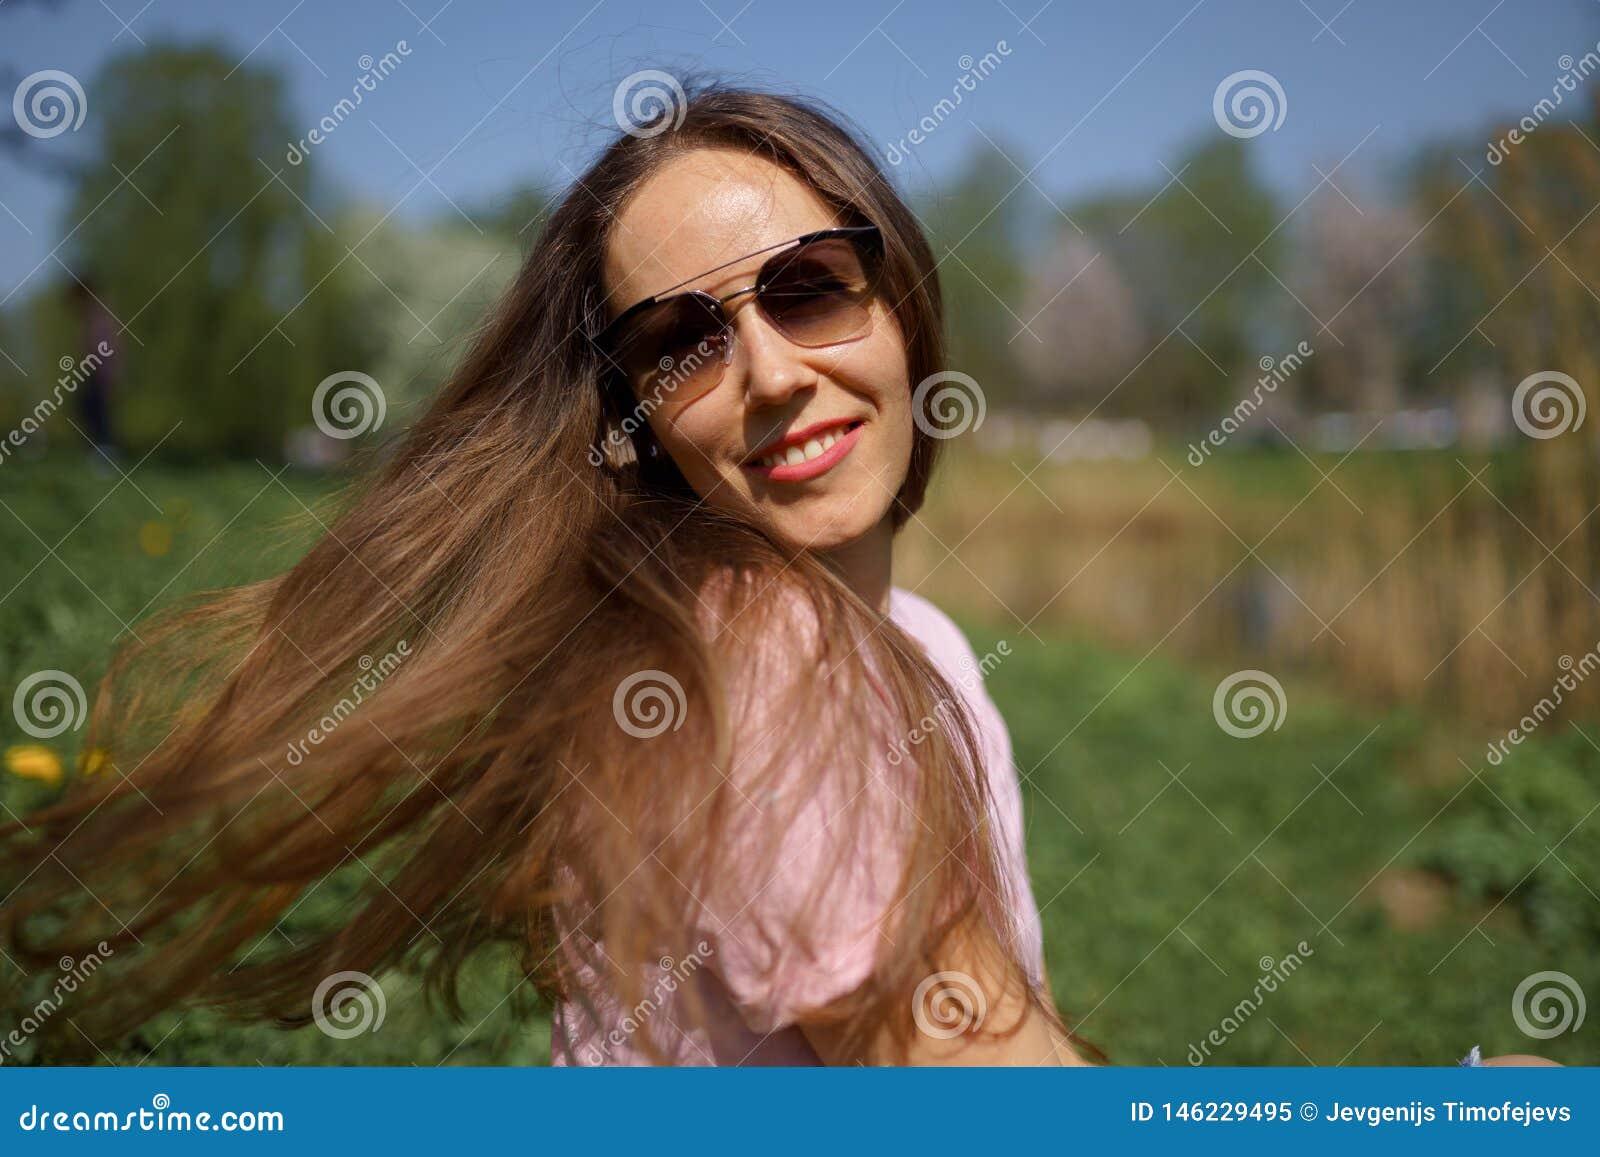 Flicka f?r kvinna f?r ung lycklig handelsresandebrunt som haired omkring ler och v?nder i ett nytt destinationsland med en rosa s